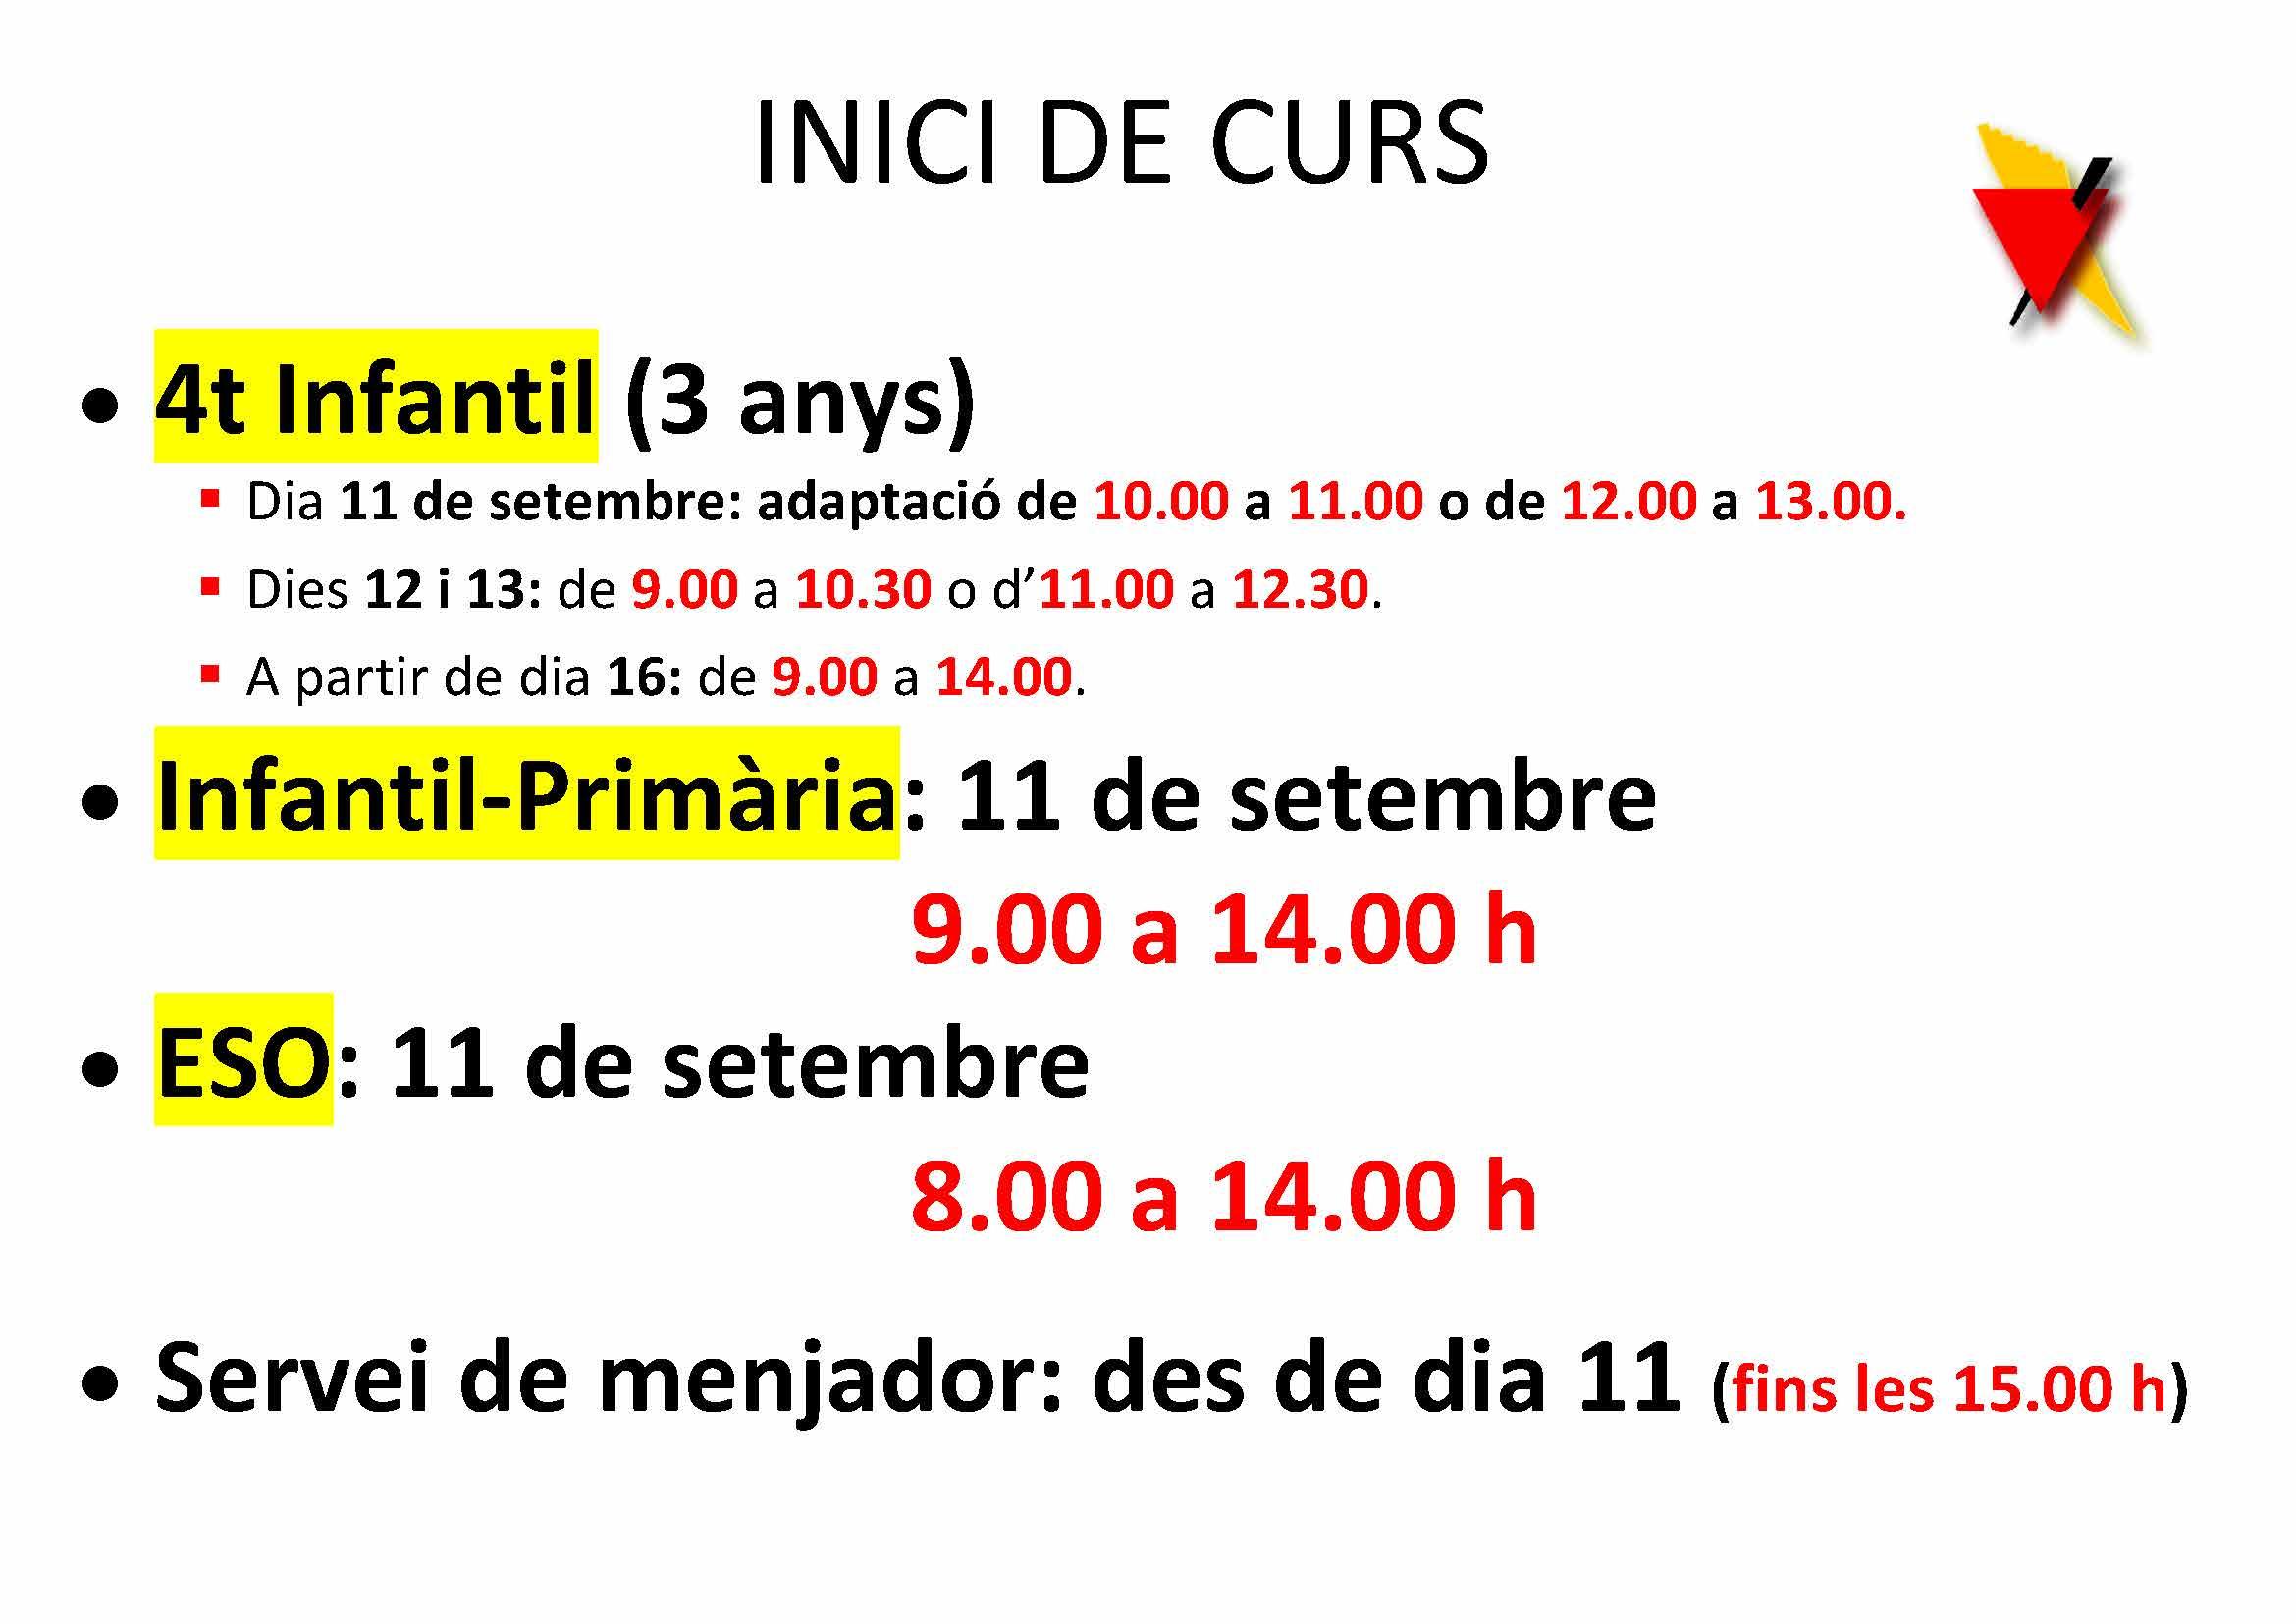 INICI CURS